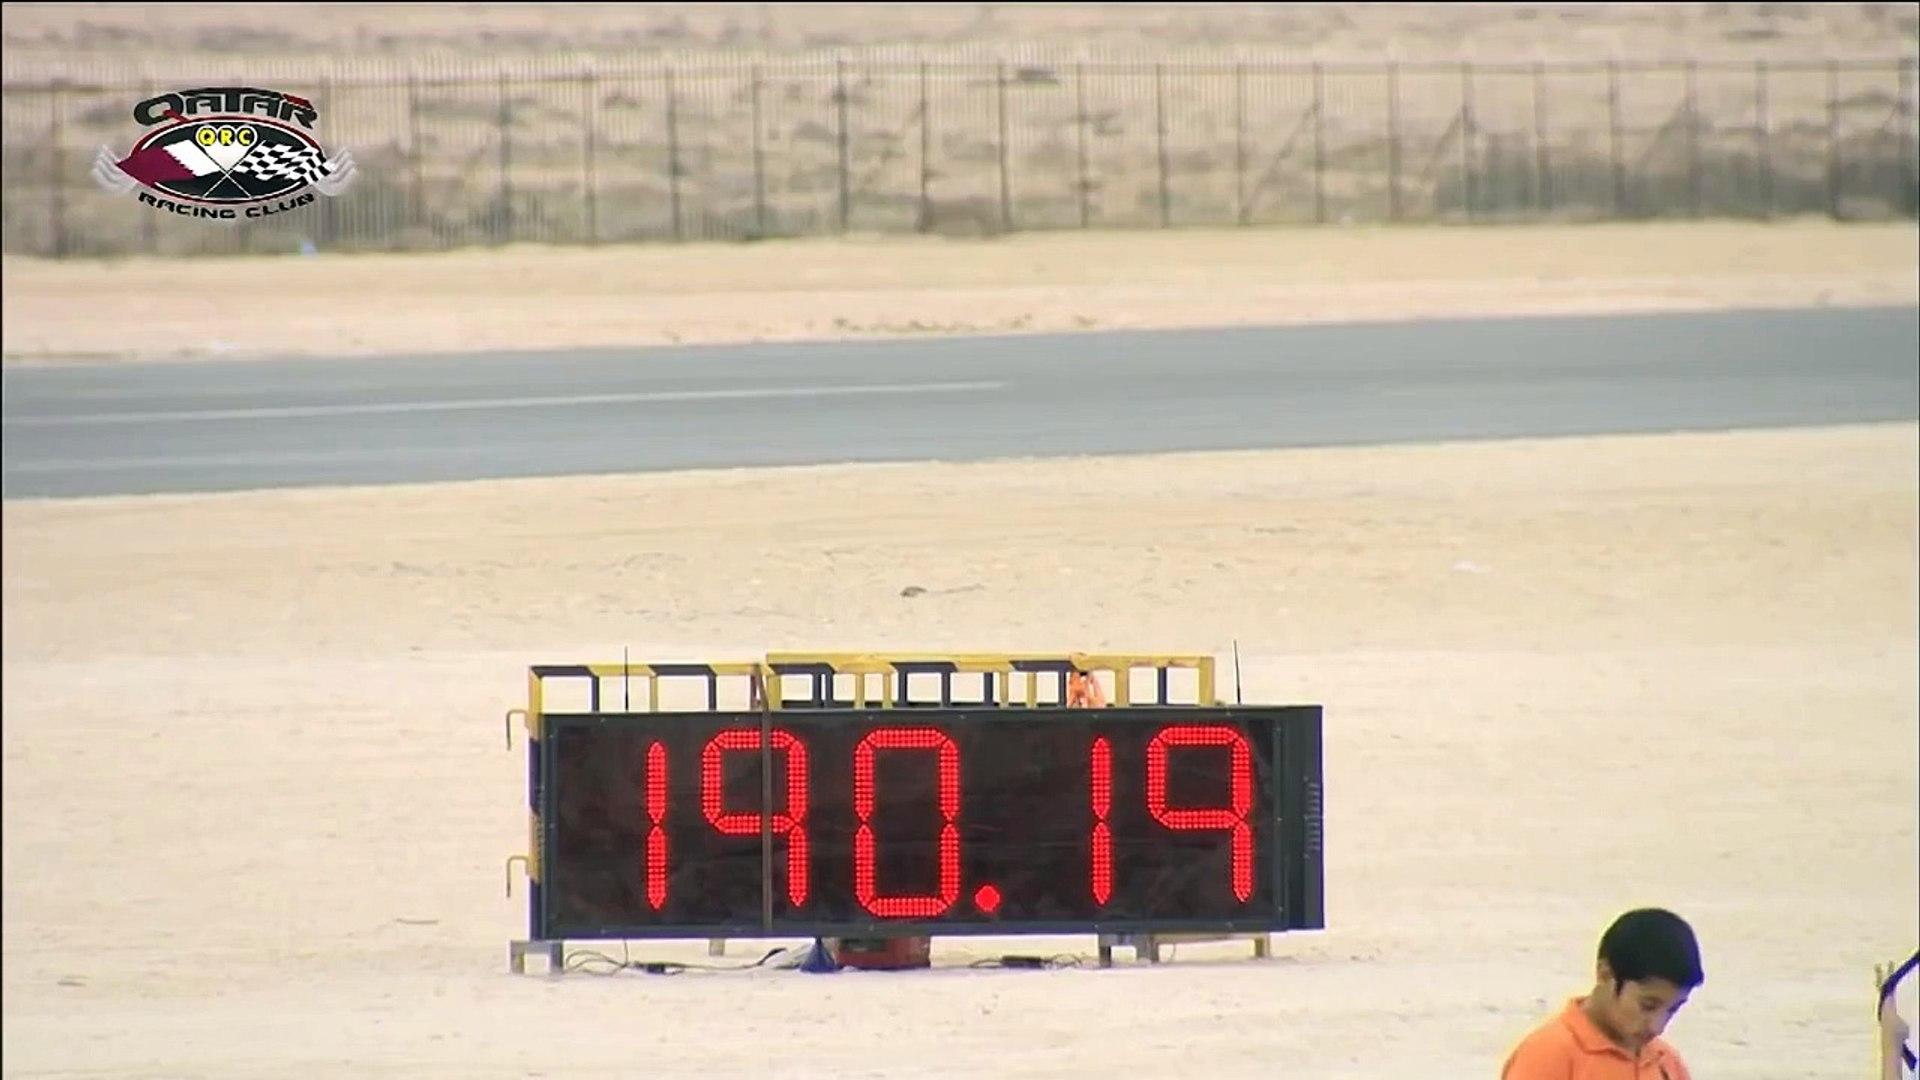 Toyota Supra reaches 194.13 MPH at Qatar Mile March 2013 - Qatar Racing Club